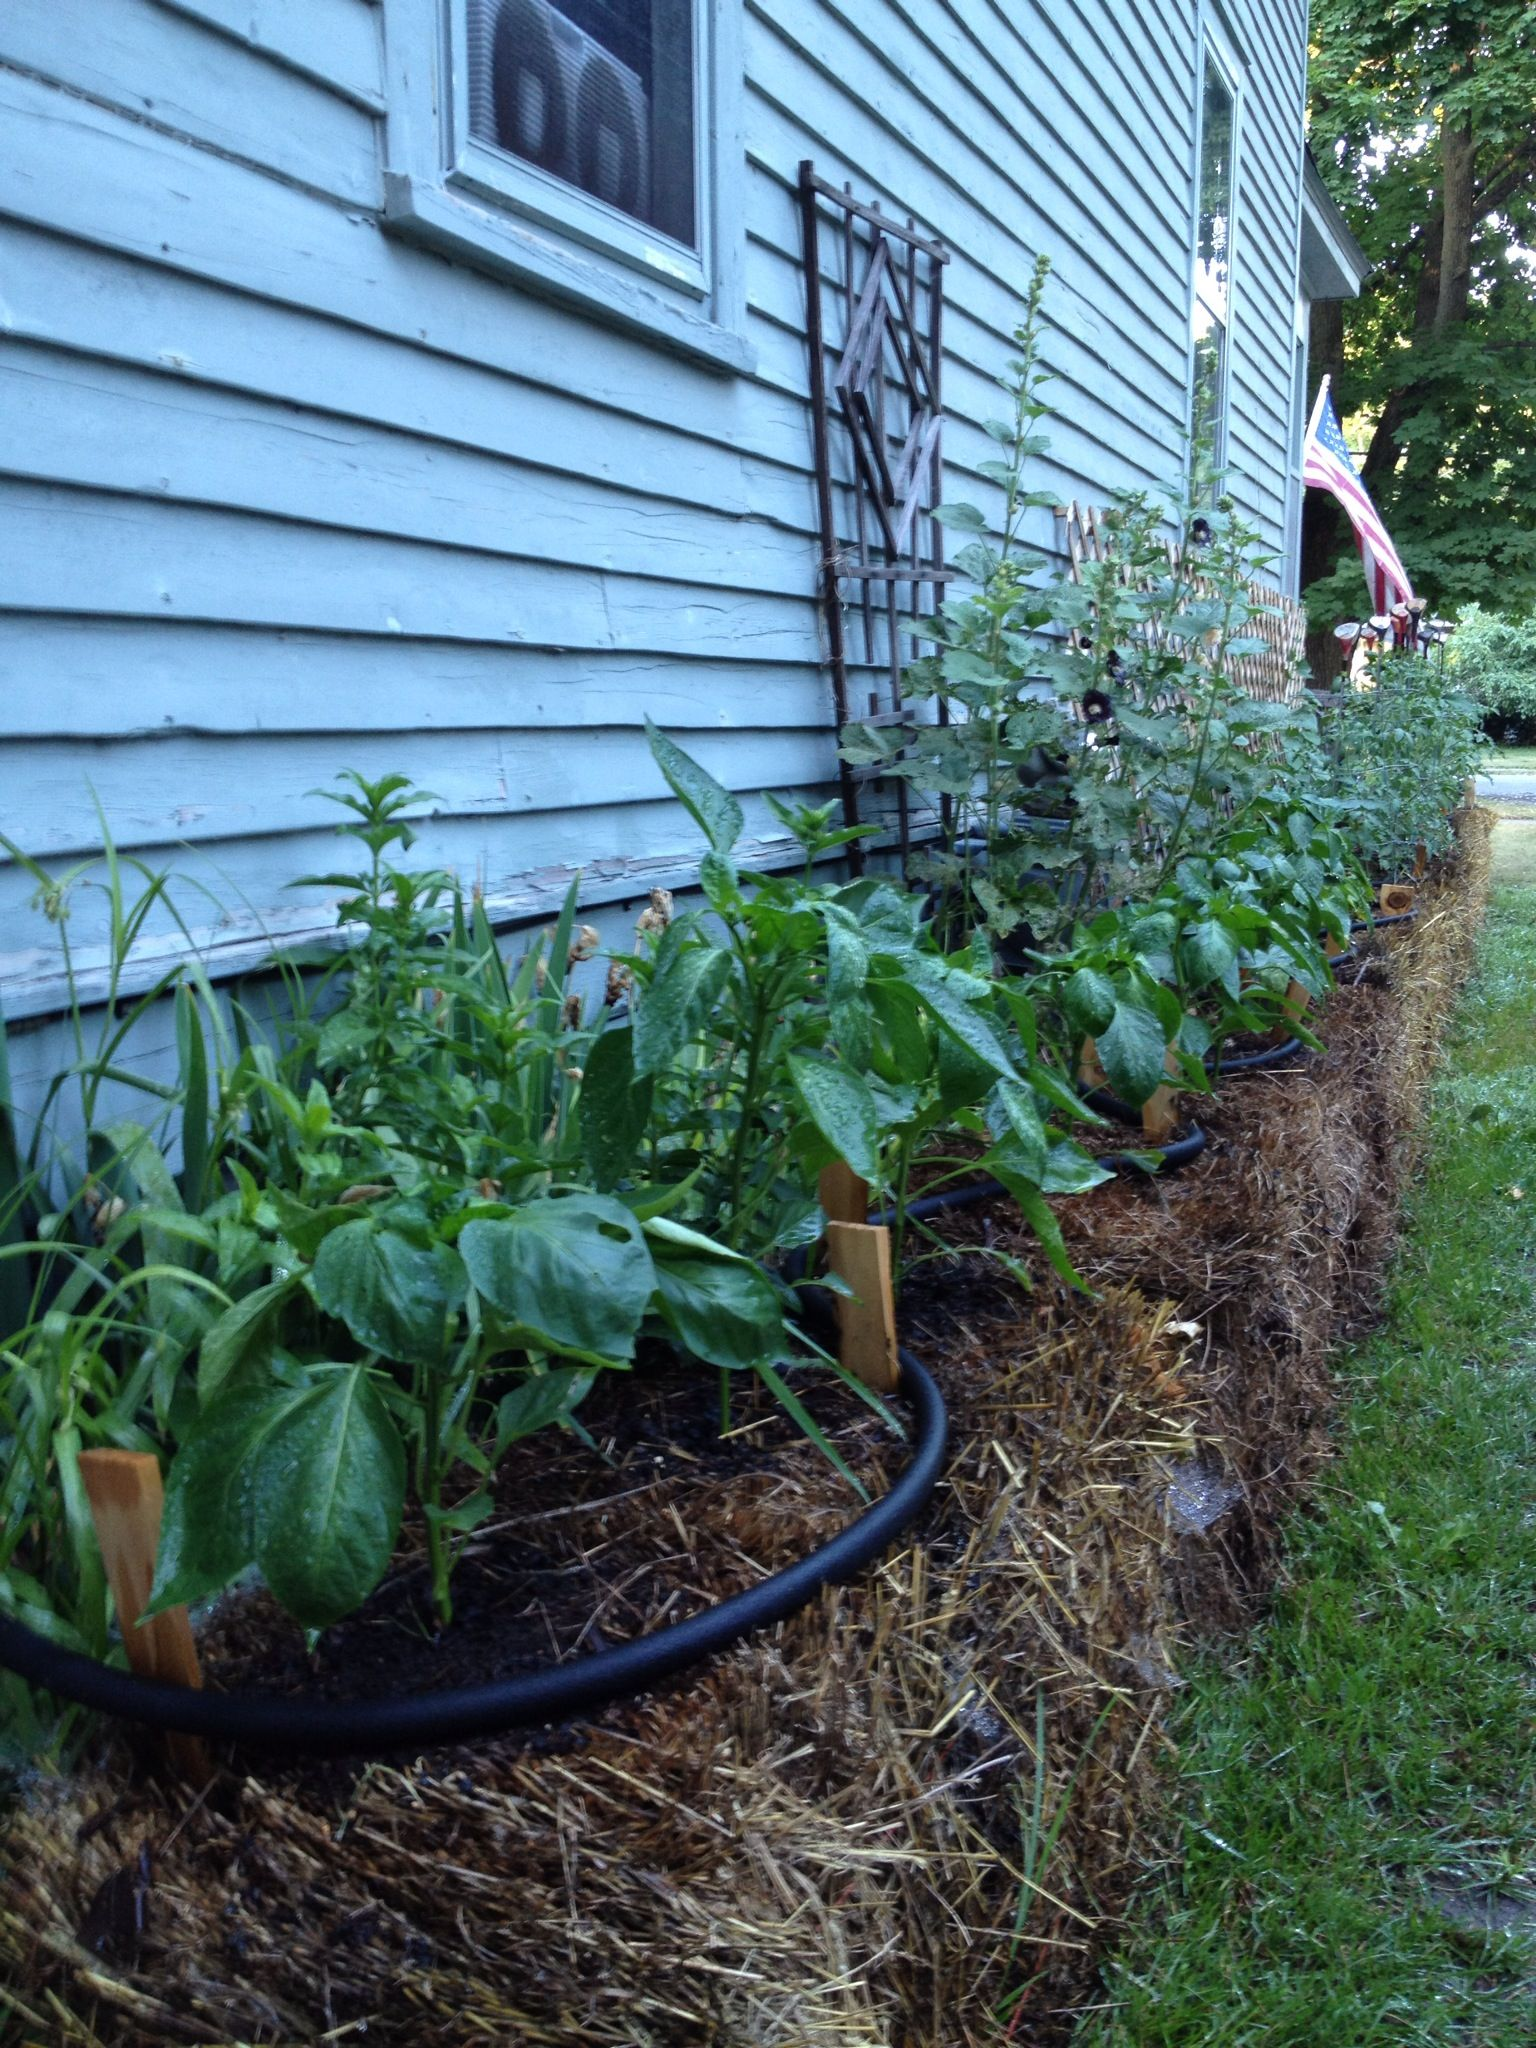 Straw bale garden - week six   Kitchen Garden   Pinterest   Straw ...